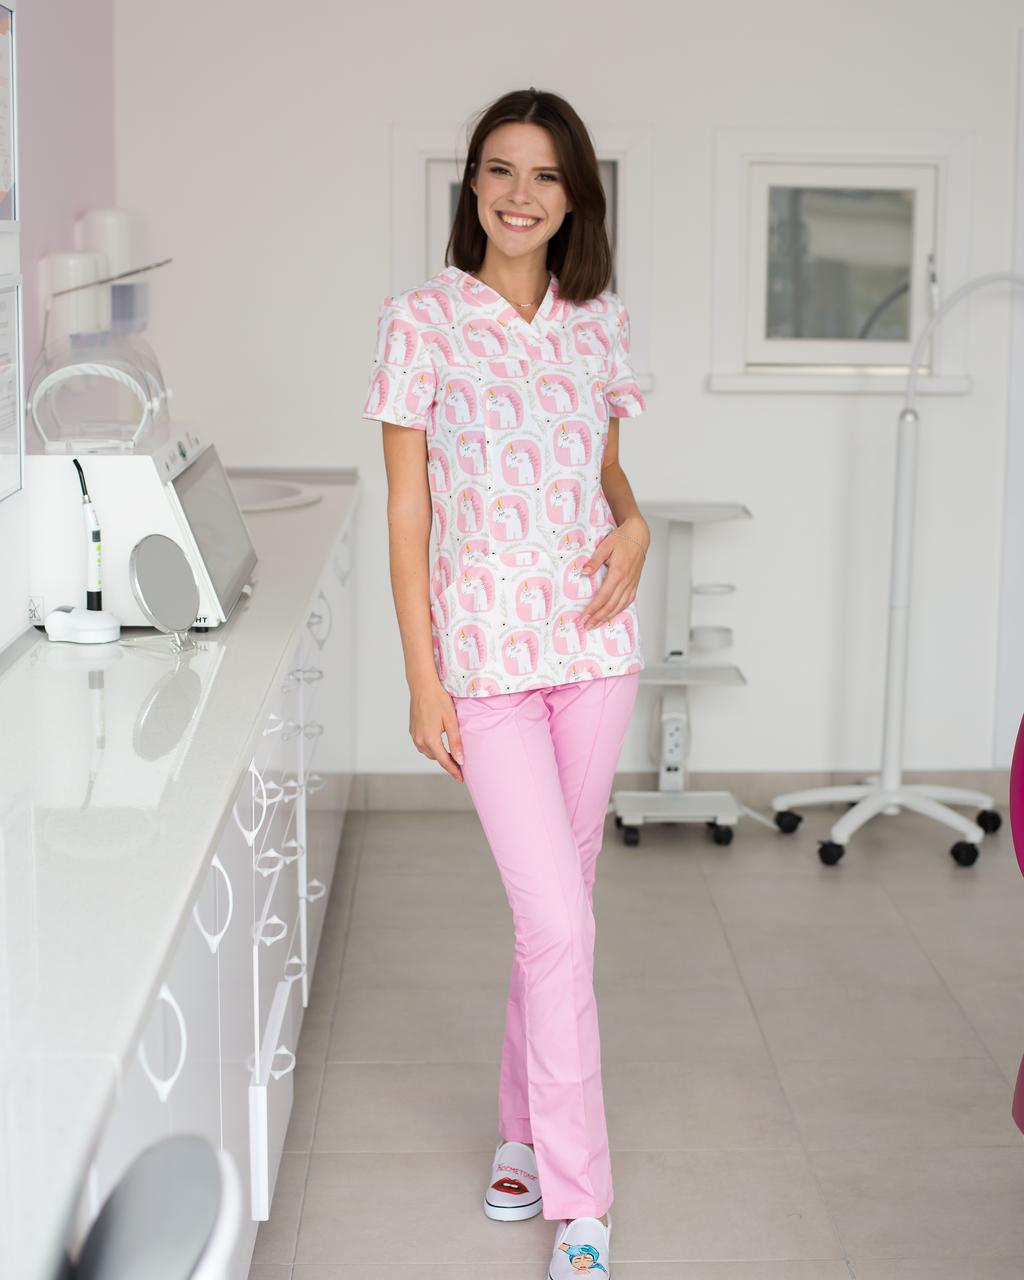 Медицинский женский костюм Топаз принт единороги розовые 40